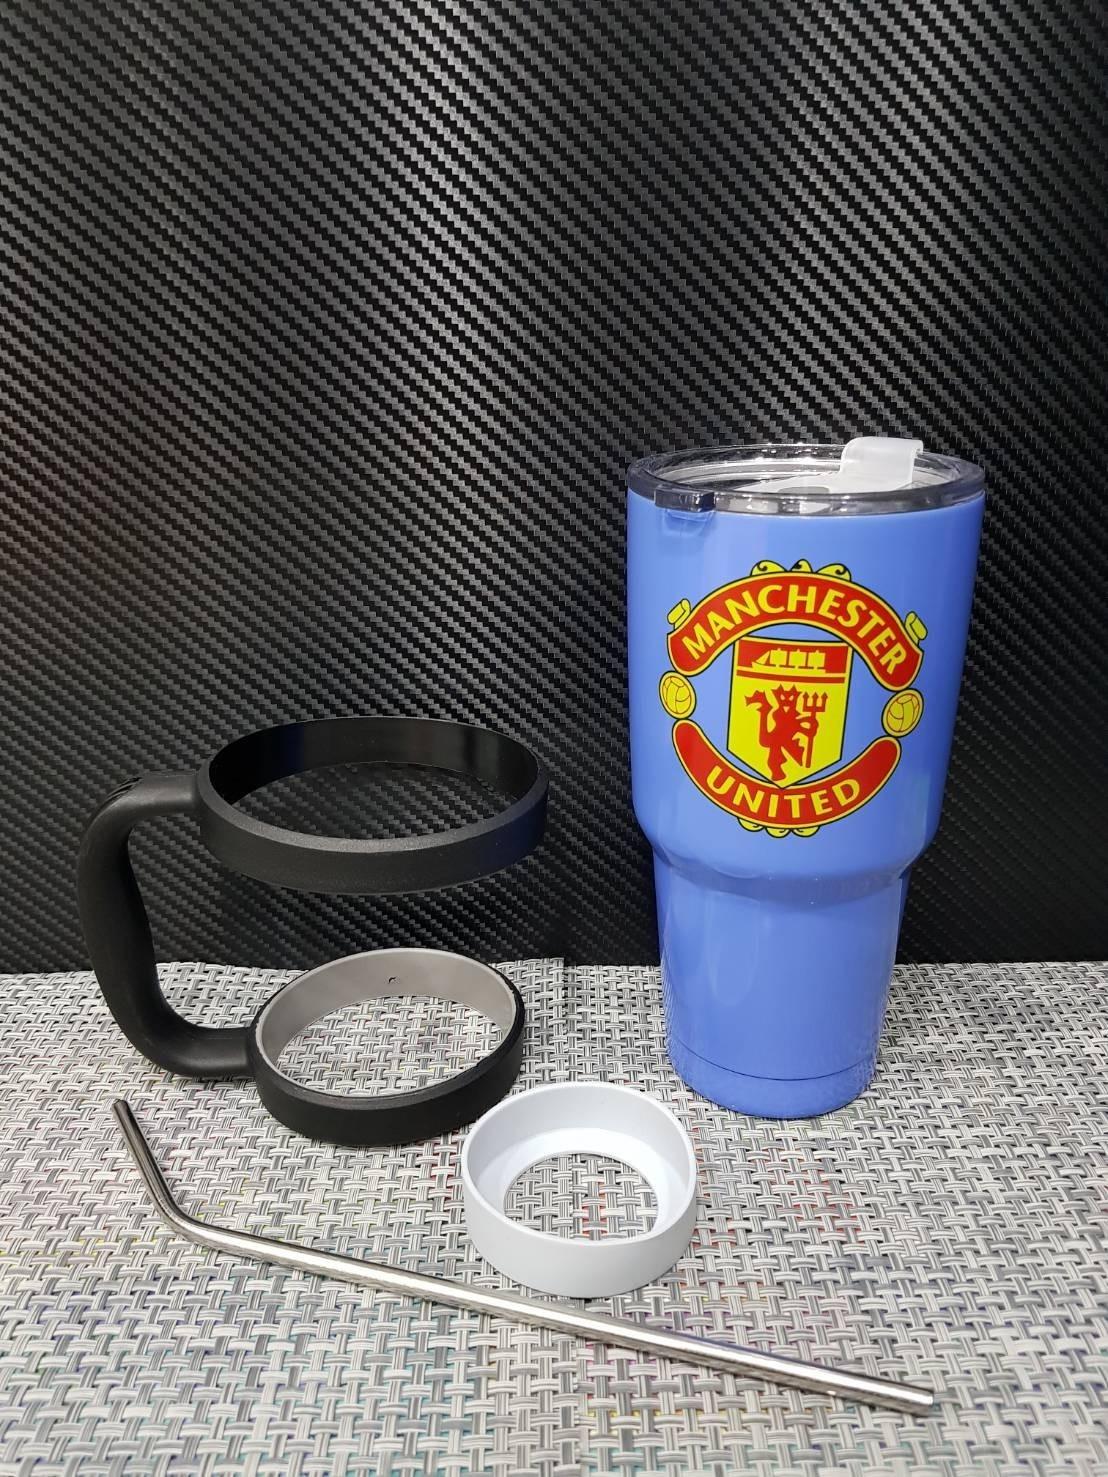 ชุดแก้วเยติ 30 ออนซ์ พื้นสีฟ้า โลโก้ แมนเชสเตอร์ยูไนเต็ด